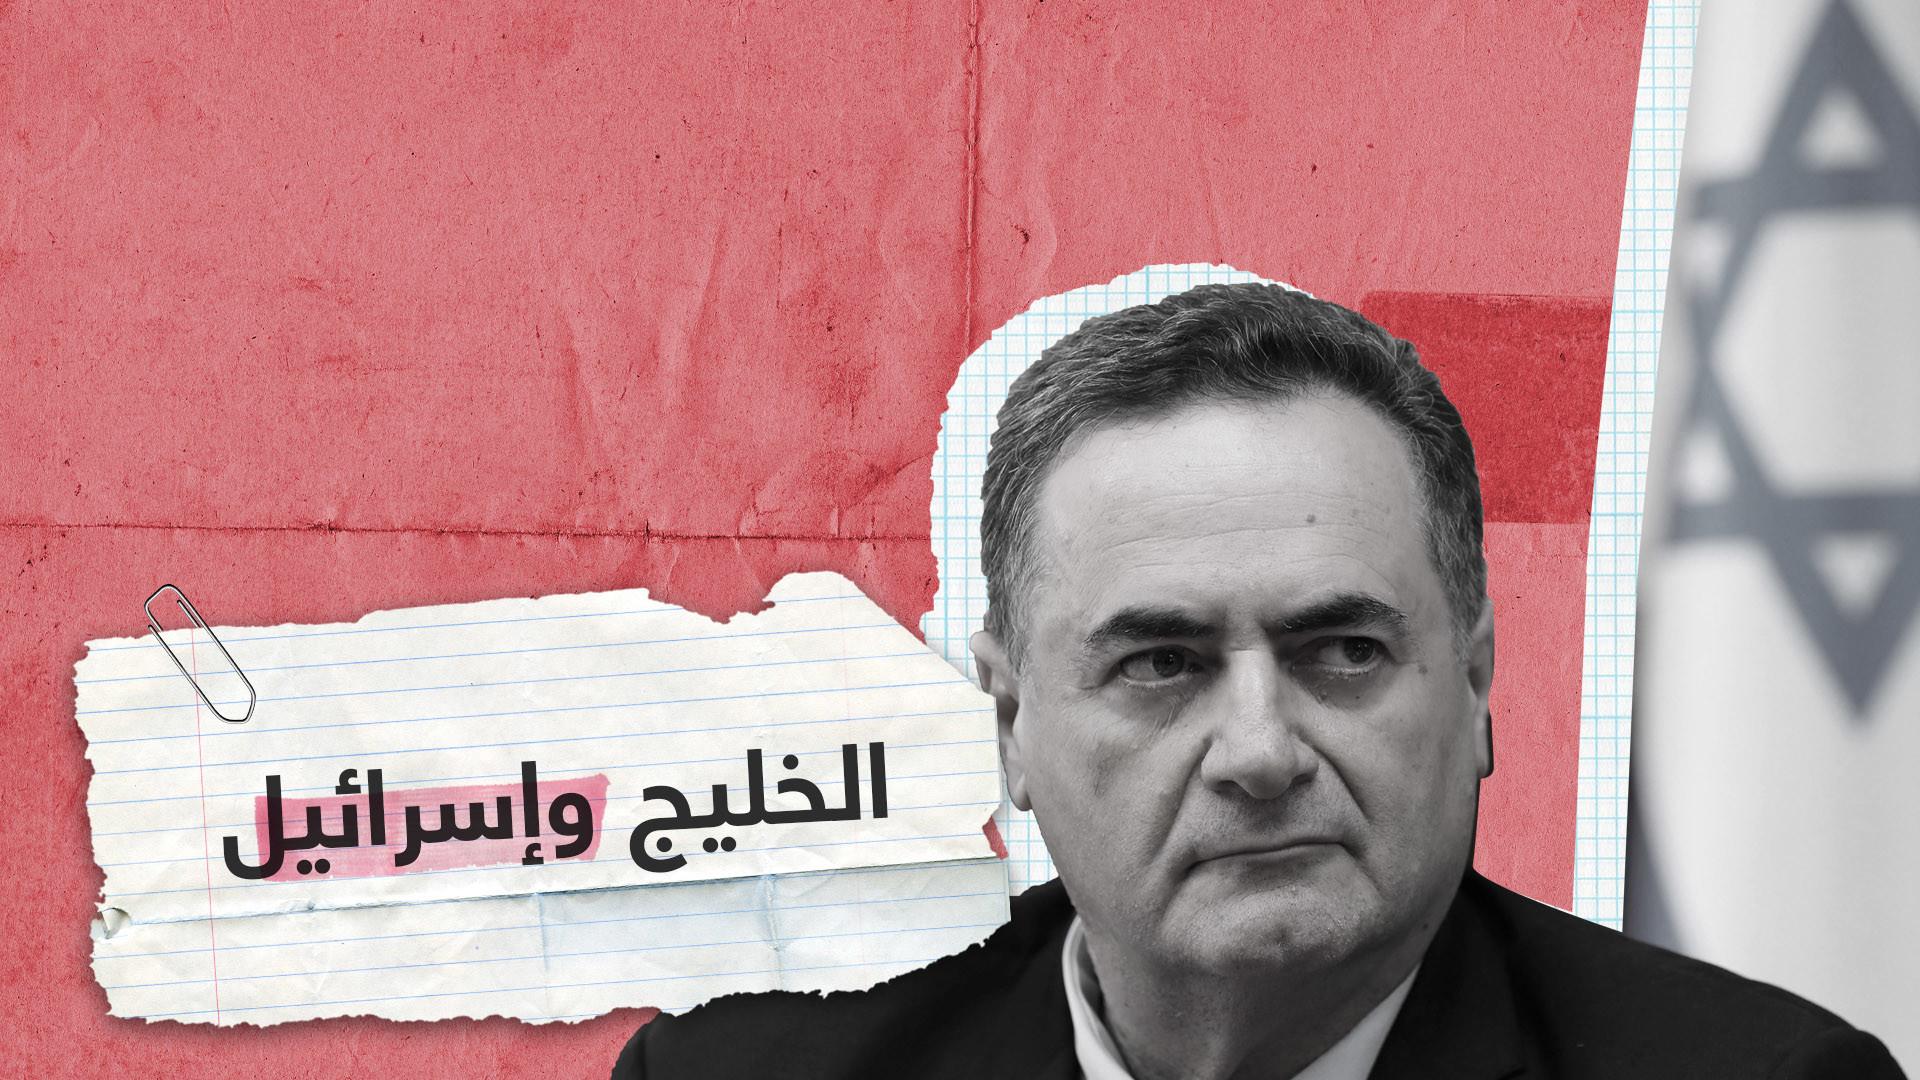 بعد ورشة البحرين... ماذا جرى في العلاقات العربية الإسرائيلية؟